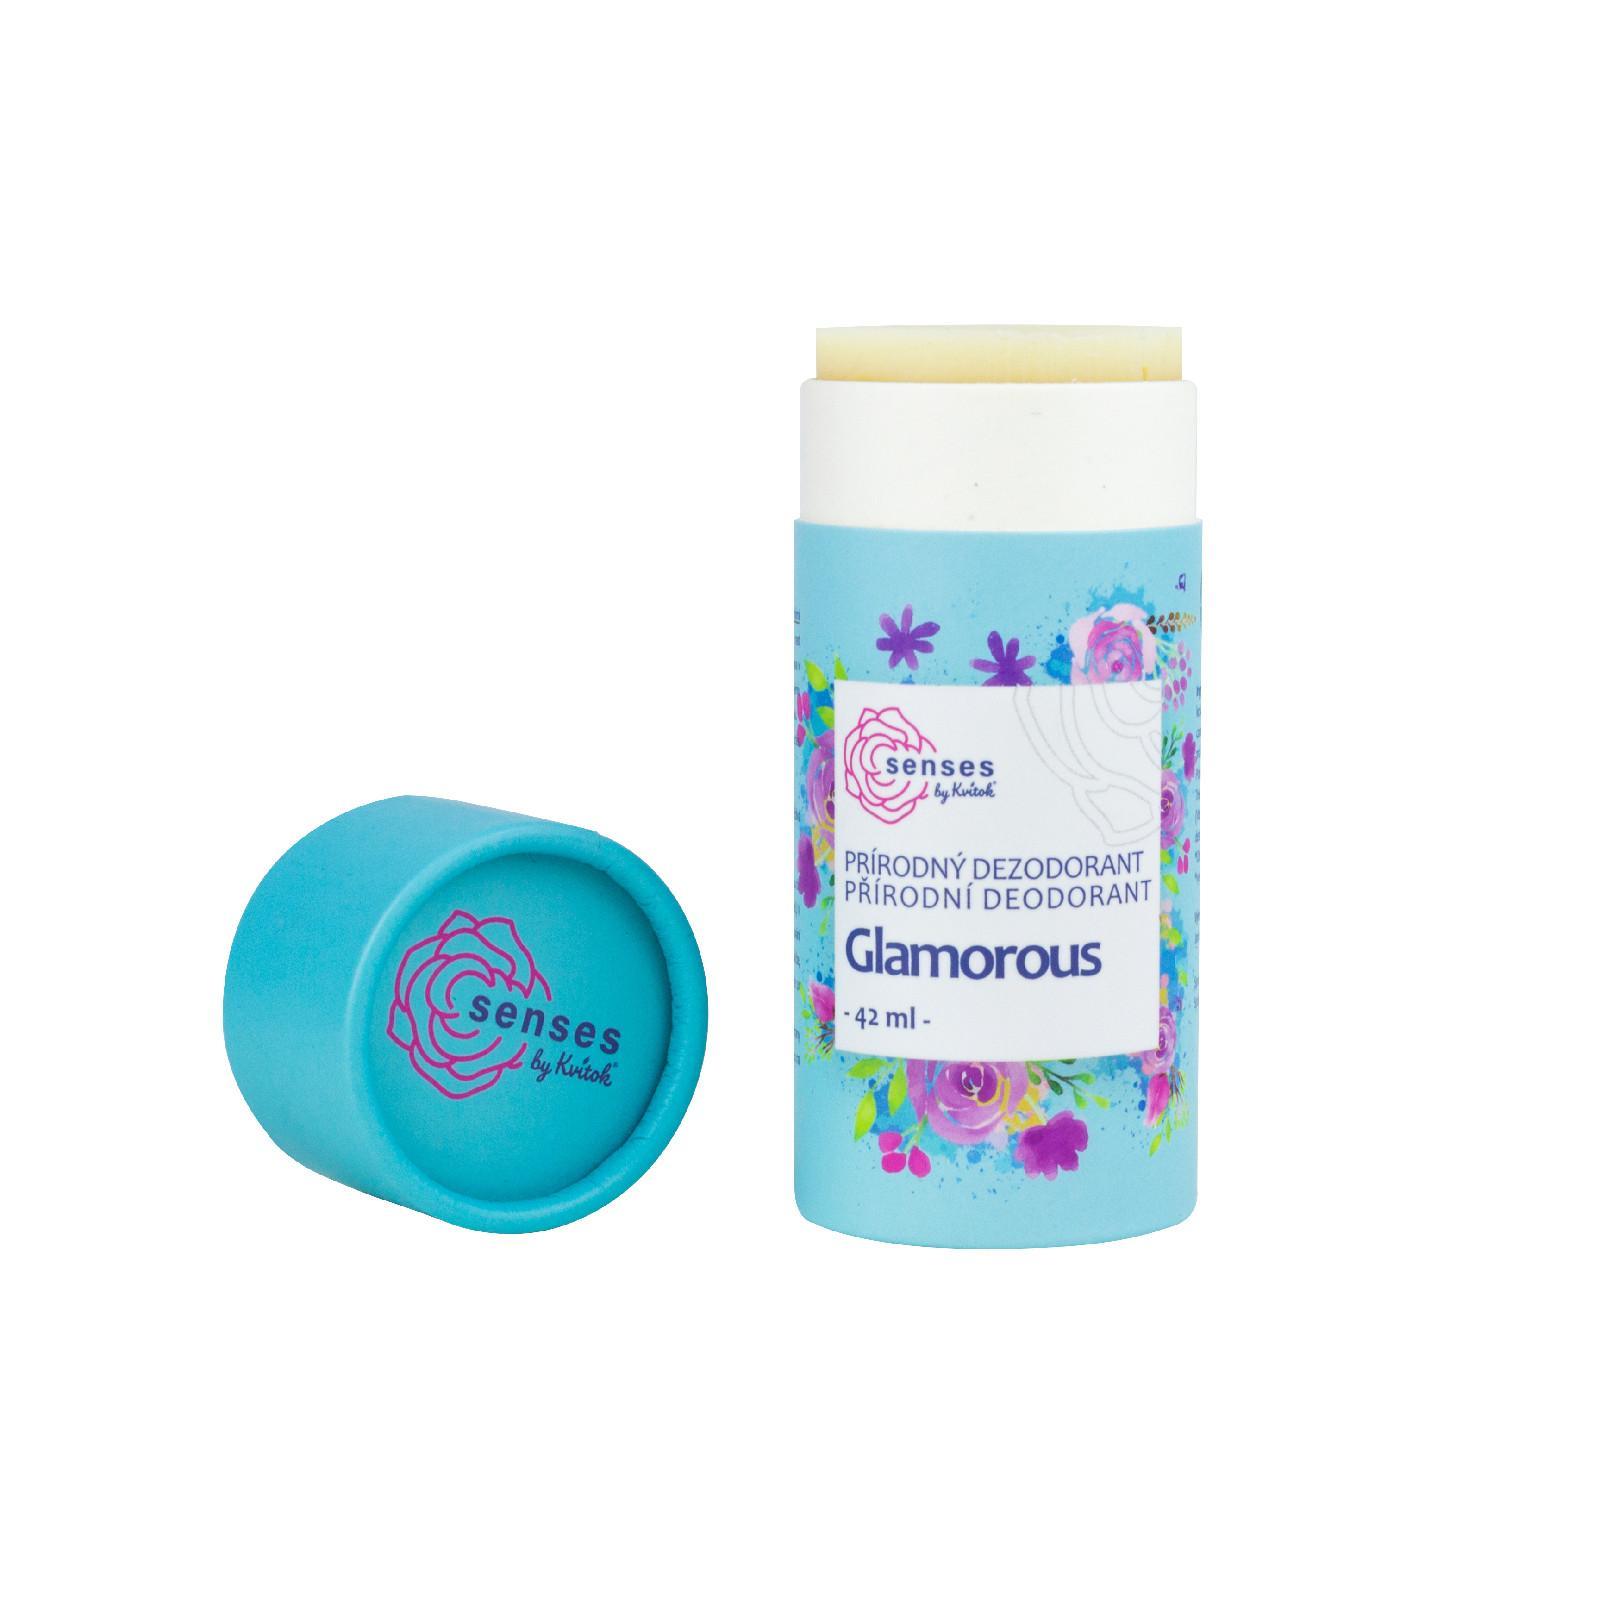 Kvitok Tuhý deodorant, glamorous 42 ml